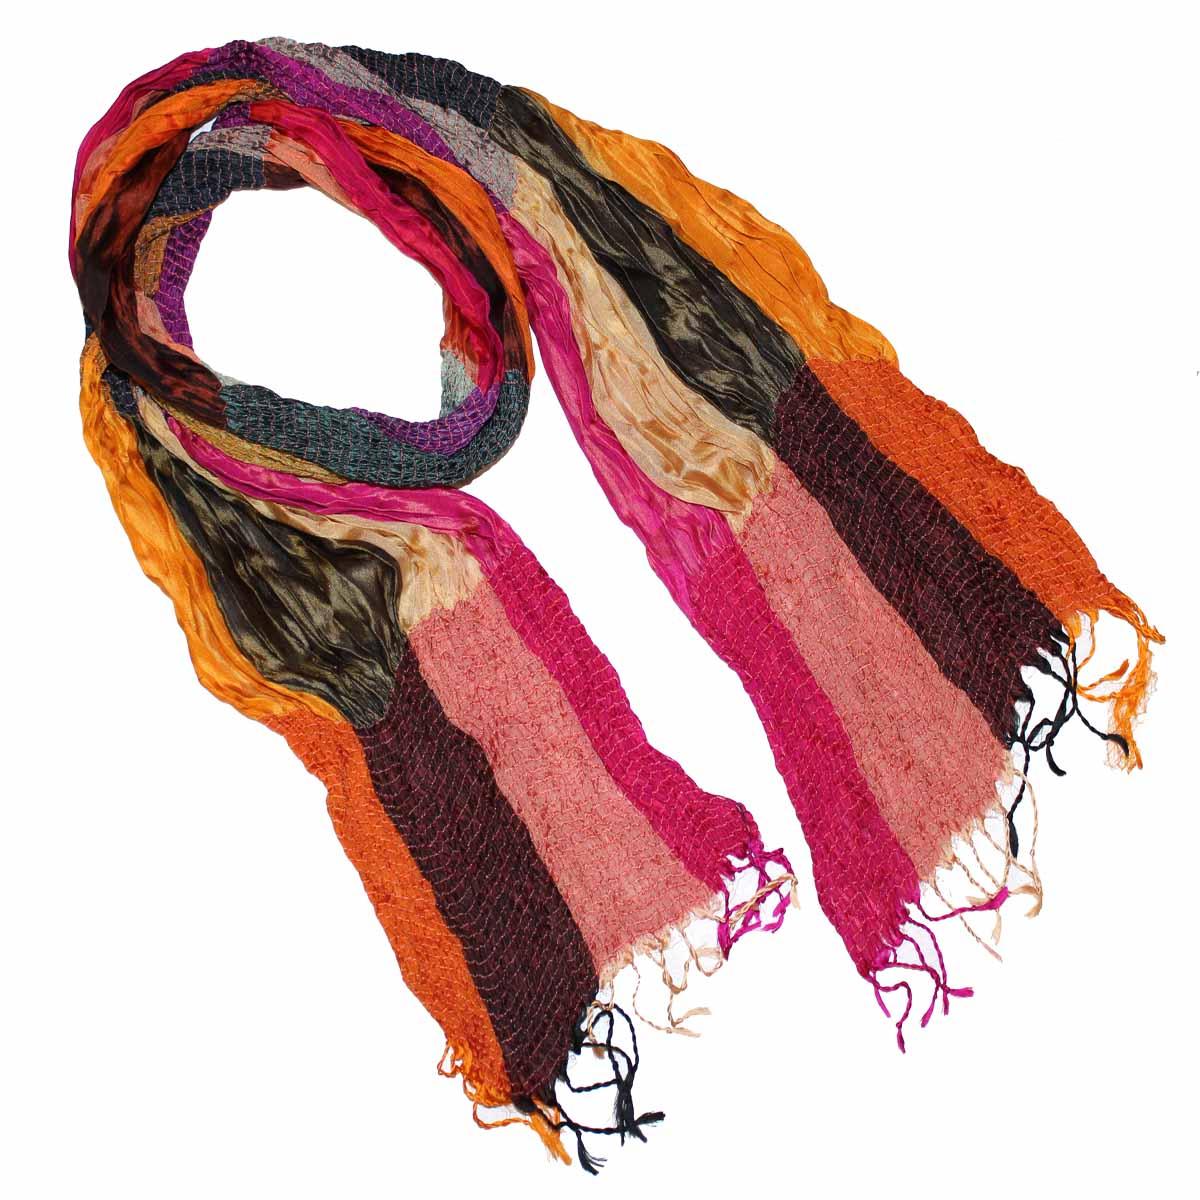 Шарф510375Элегантный шелковый шарф станет изысканным нарядным аксессуаром, который призван подчеркнуть индивидуальность и очарование женщины. Шарф с жатой фактурой, по краям декорирован кистями. Этот модный аксессуар женского гардероба гармонично дополнит образ современной женщины, следящей за своим имиджем и стремящейся всегда оставаться стильной и элегантной. В этом шарфе вы всегда будете выглядеть женственной и привлекательной.